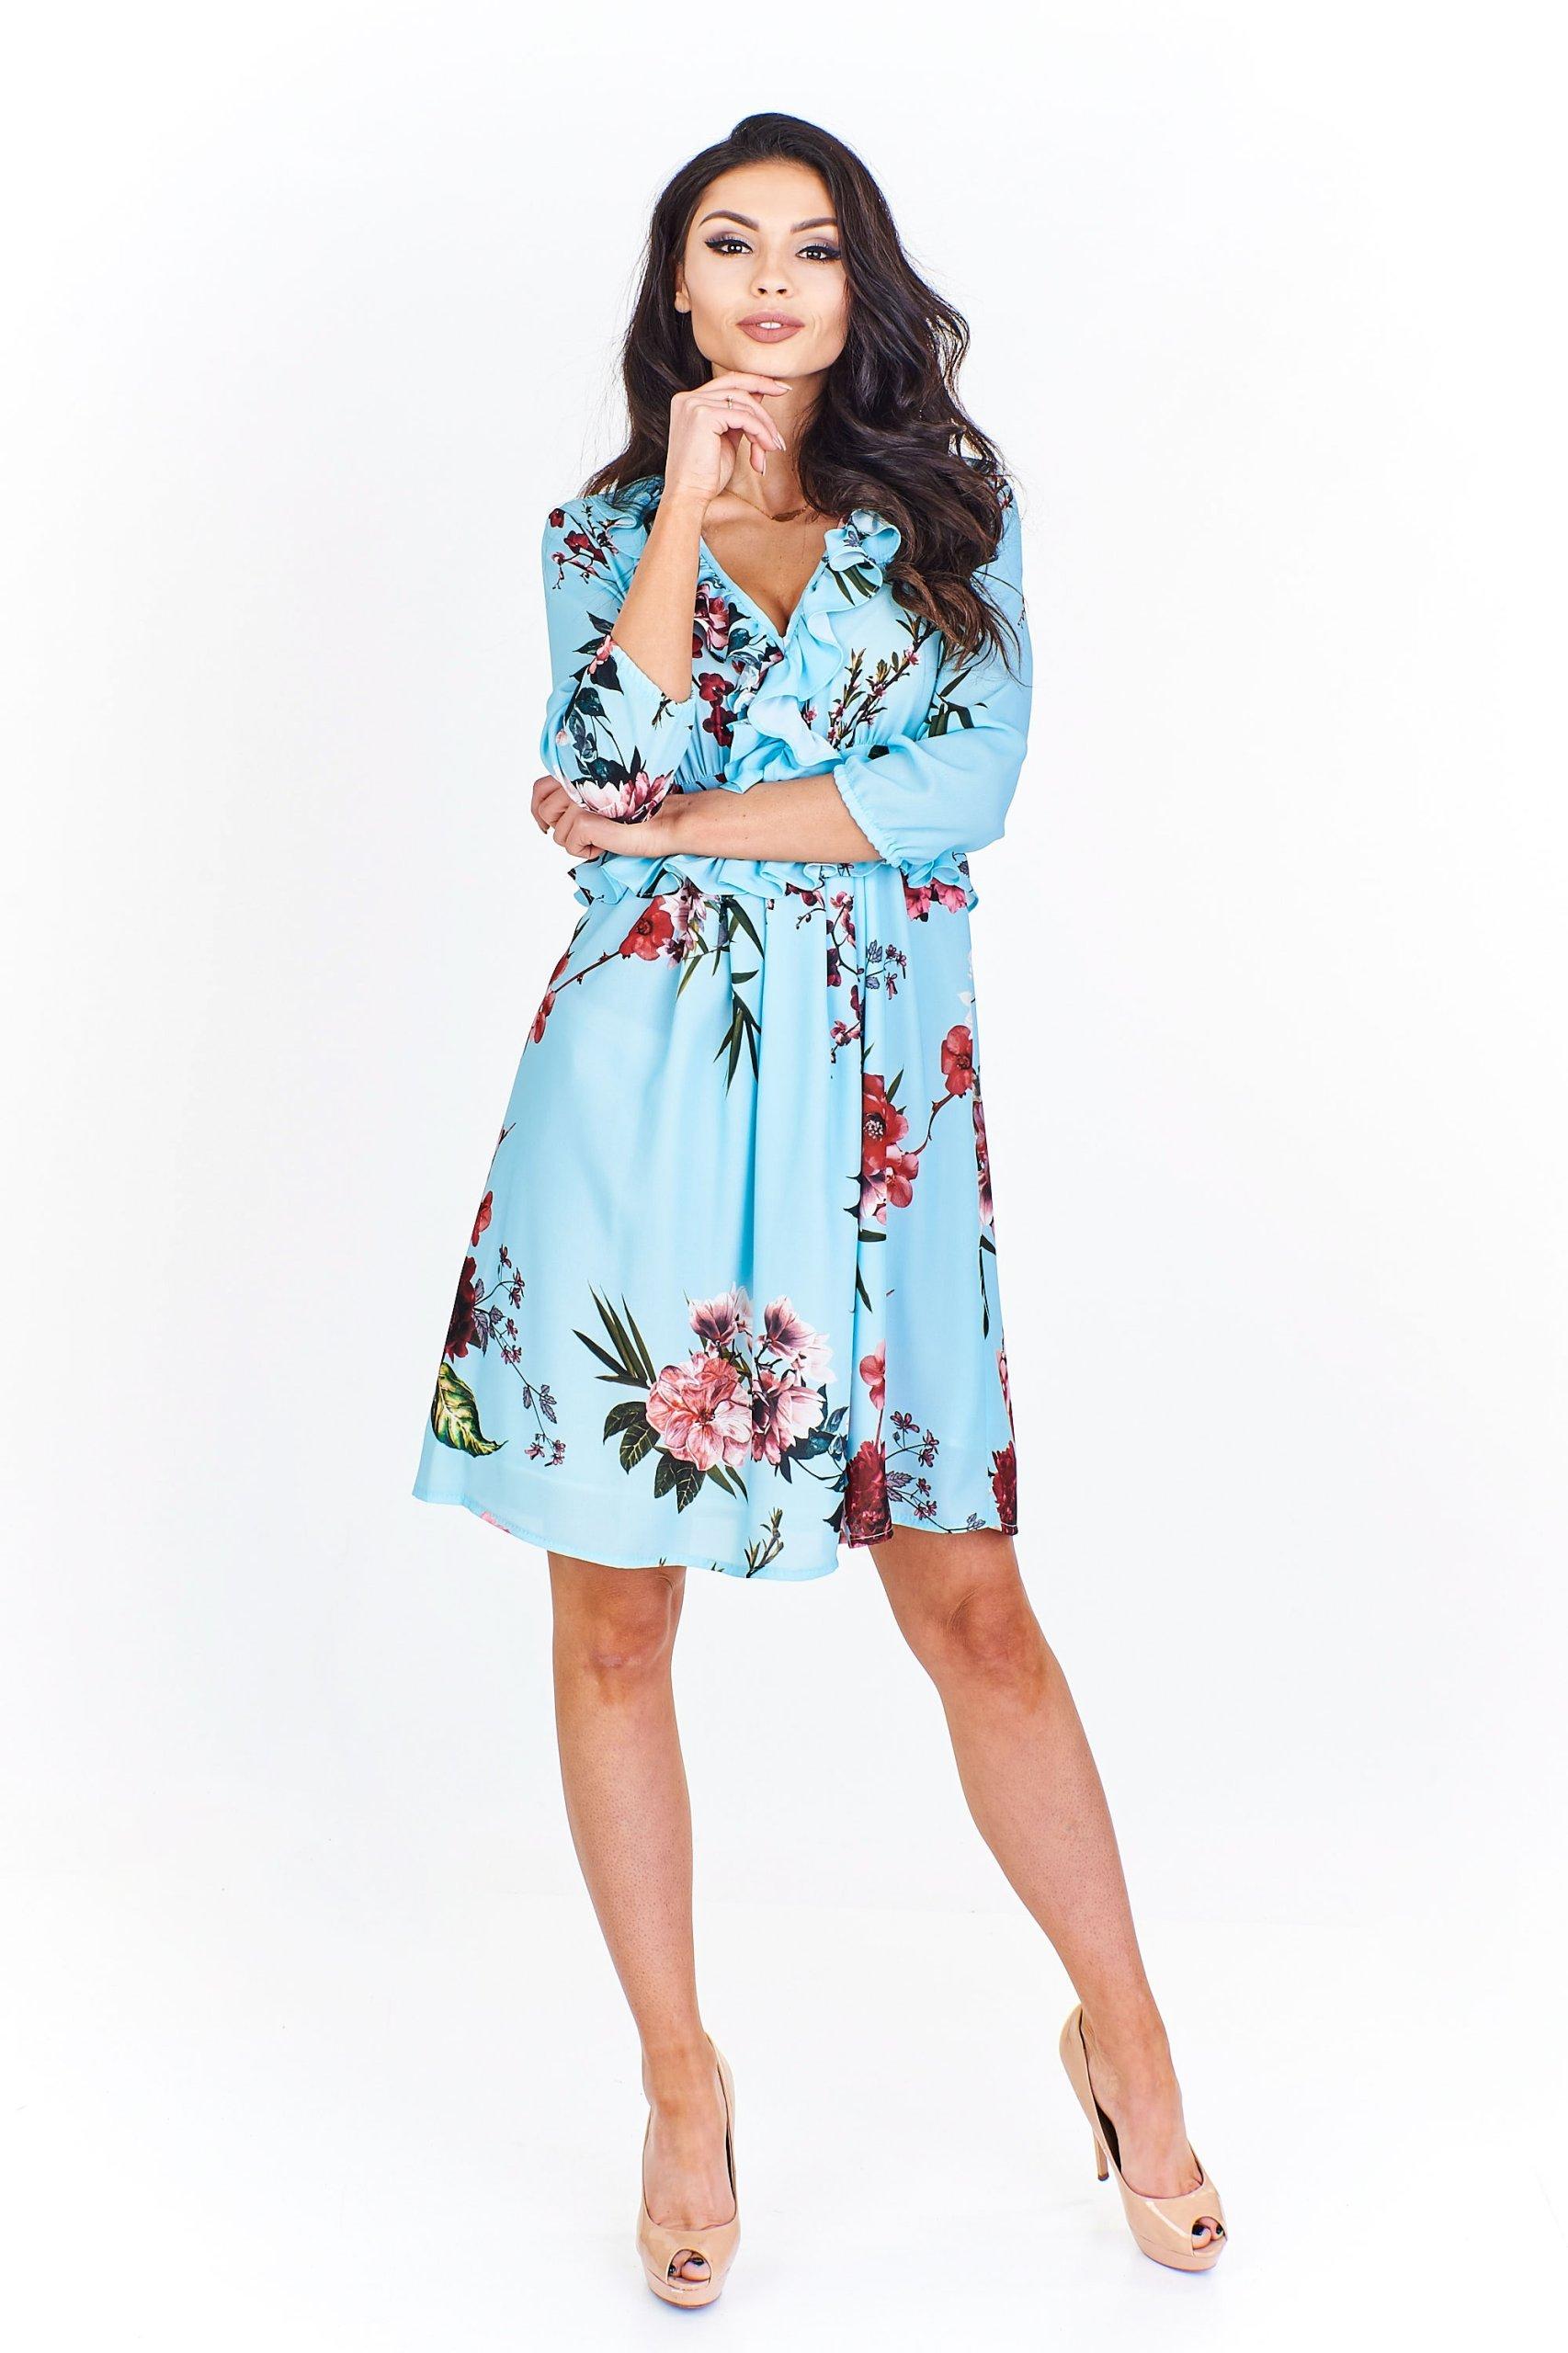 cfec81e690 Rozkloszowana sukienka w kwiaty na wesele.L - 7384904394 - oficjalne ...